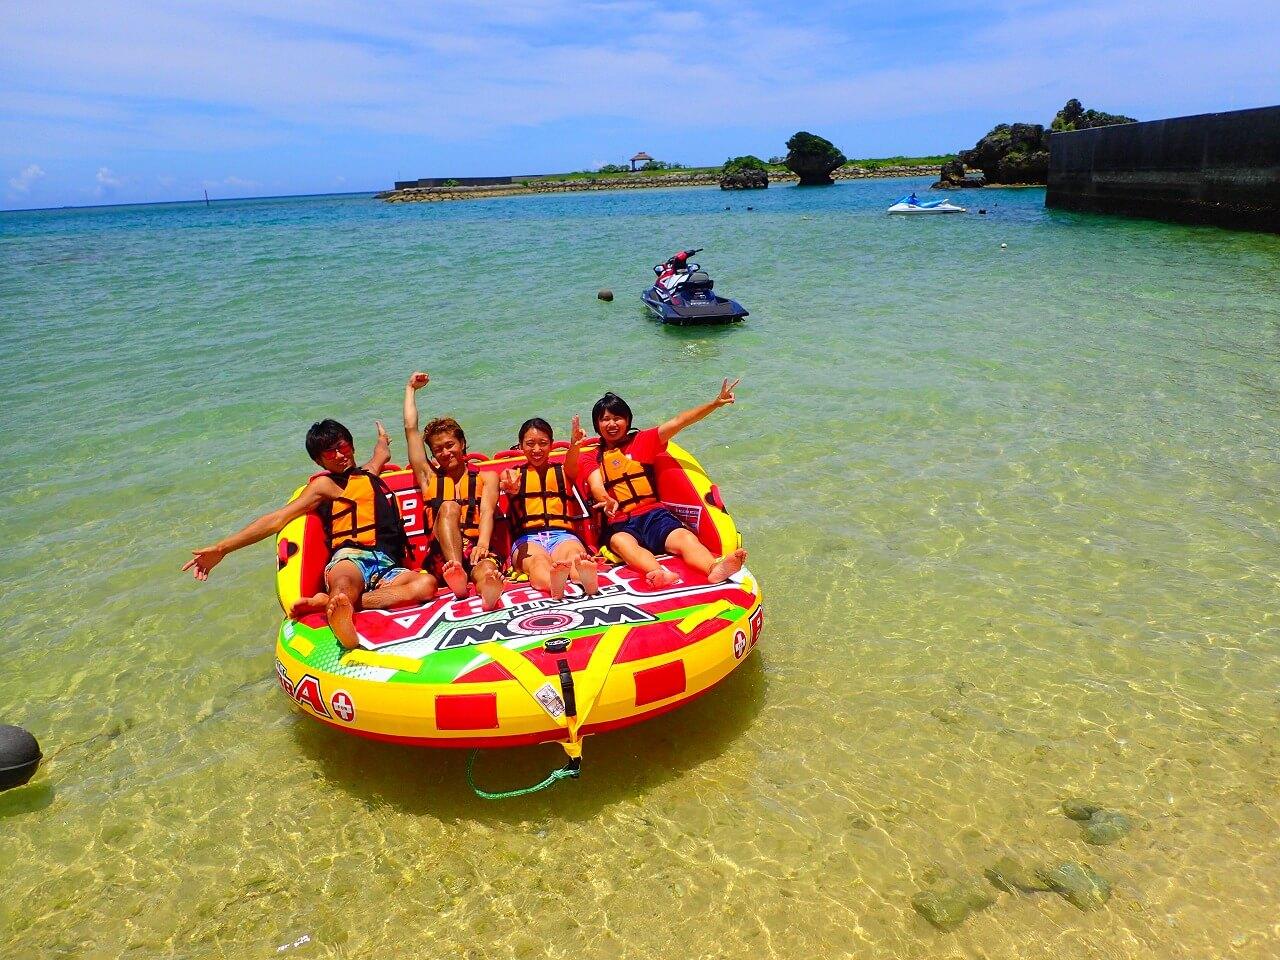 バナナボートの開催するビーチがとても綺麗